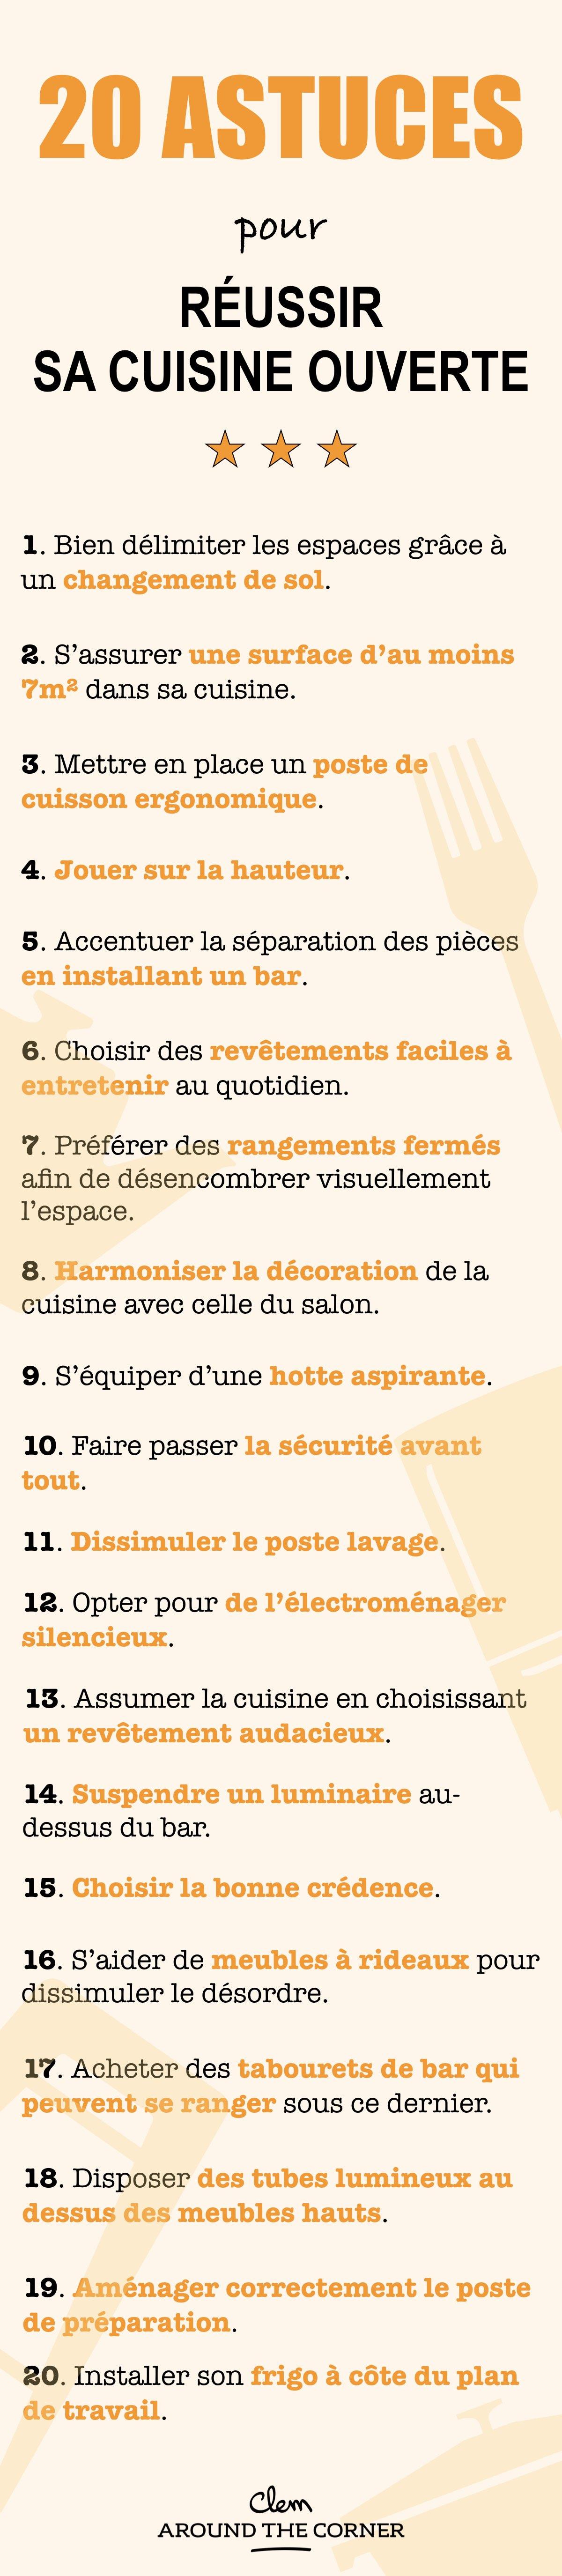 cuisine ouverte sur salon infographie récap 20 astuces - blog déco - clem around the corner